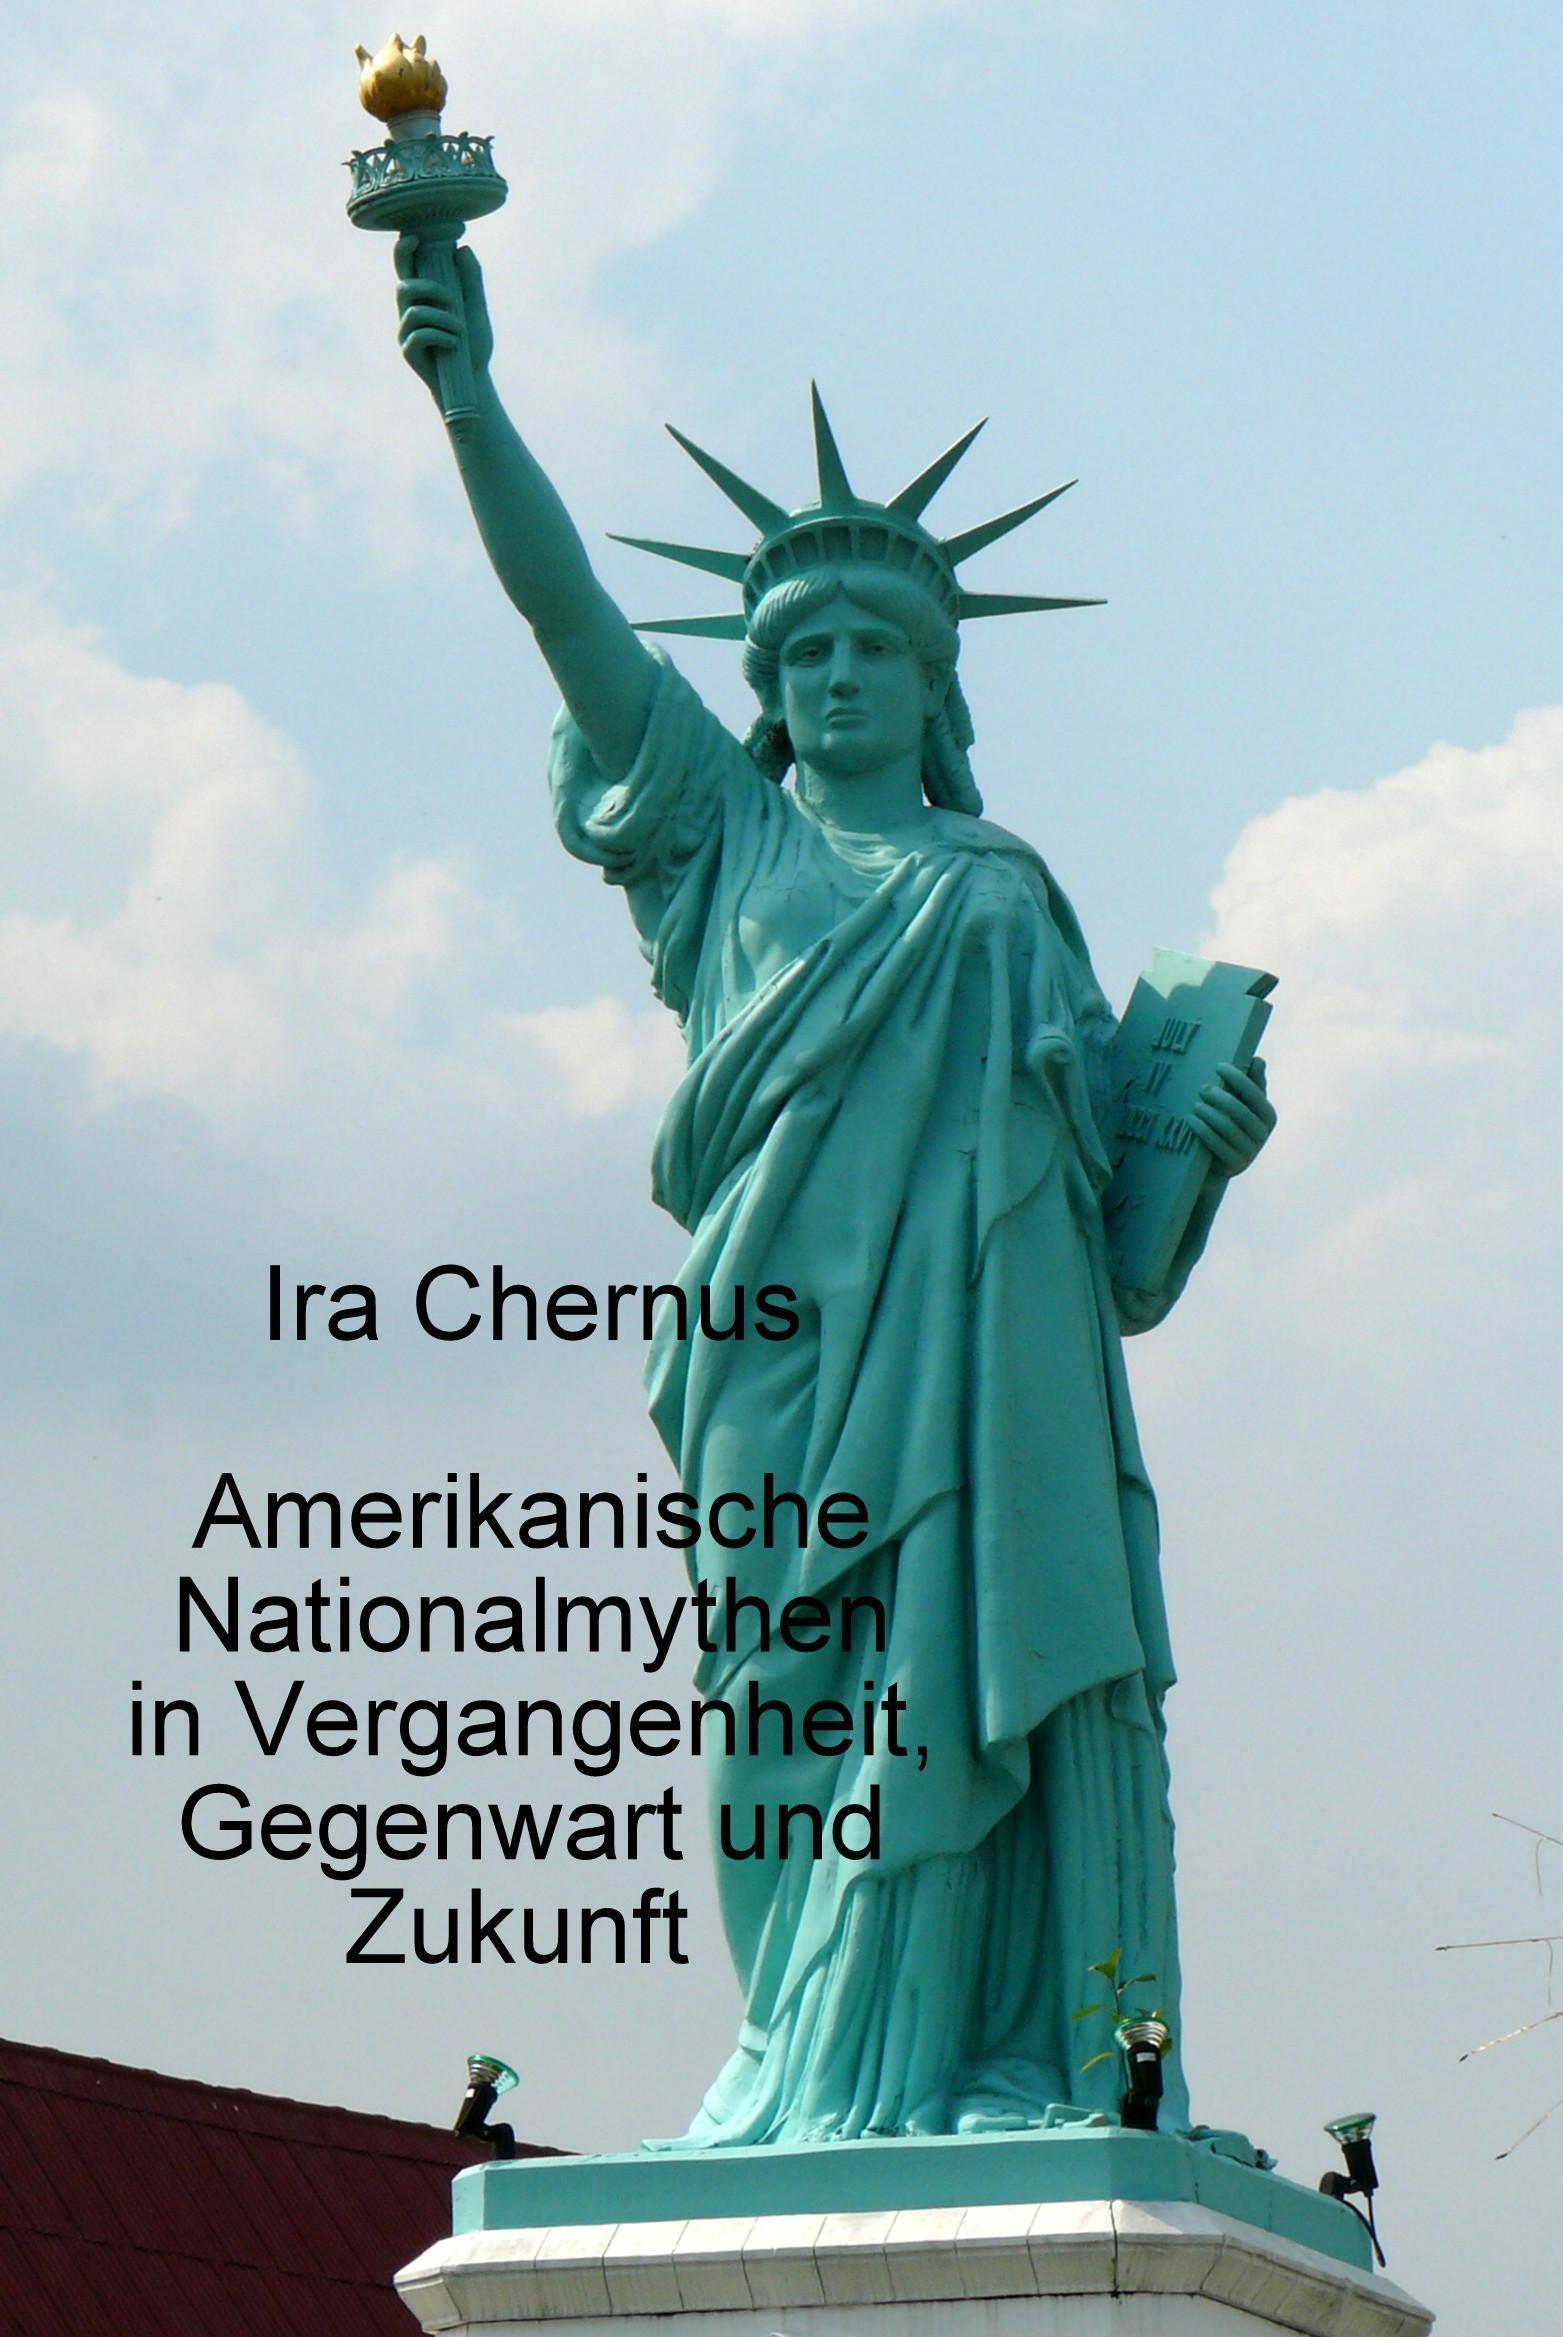 IraChernusAmerikanische Nationalmythen in Vergangenheit, Gegenwart und ZukunftMythen